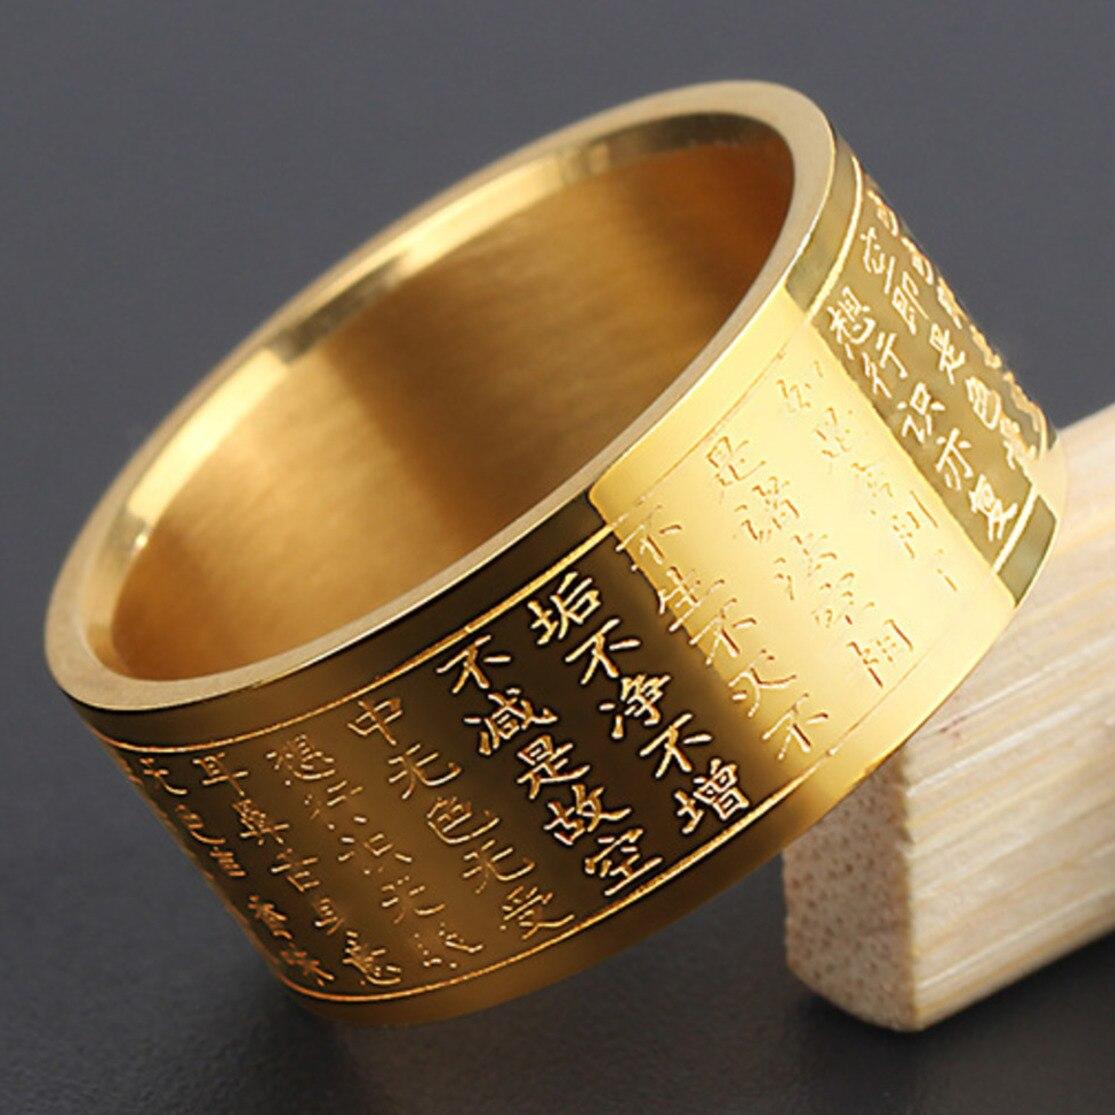 Anillo tamaño 14 Buddha escrituras hombres Prajna Paramita Acero inoxidable Unisex anillo dedo banda budista corazón Sutra anillos para mujeres